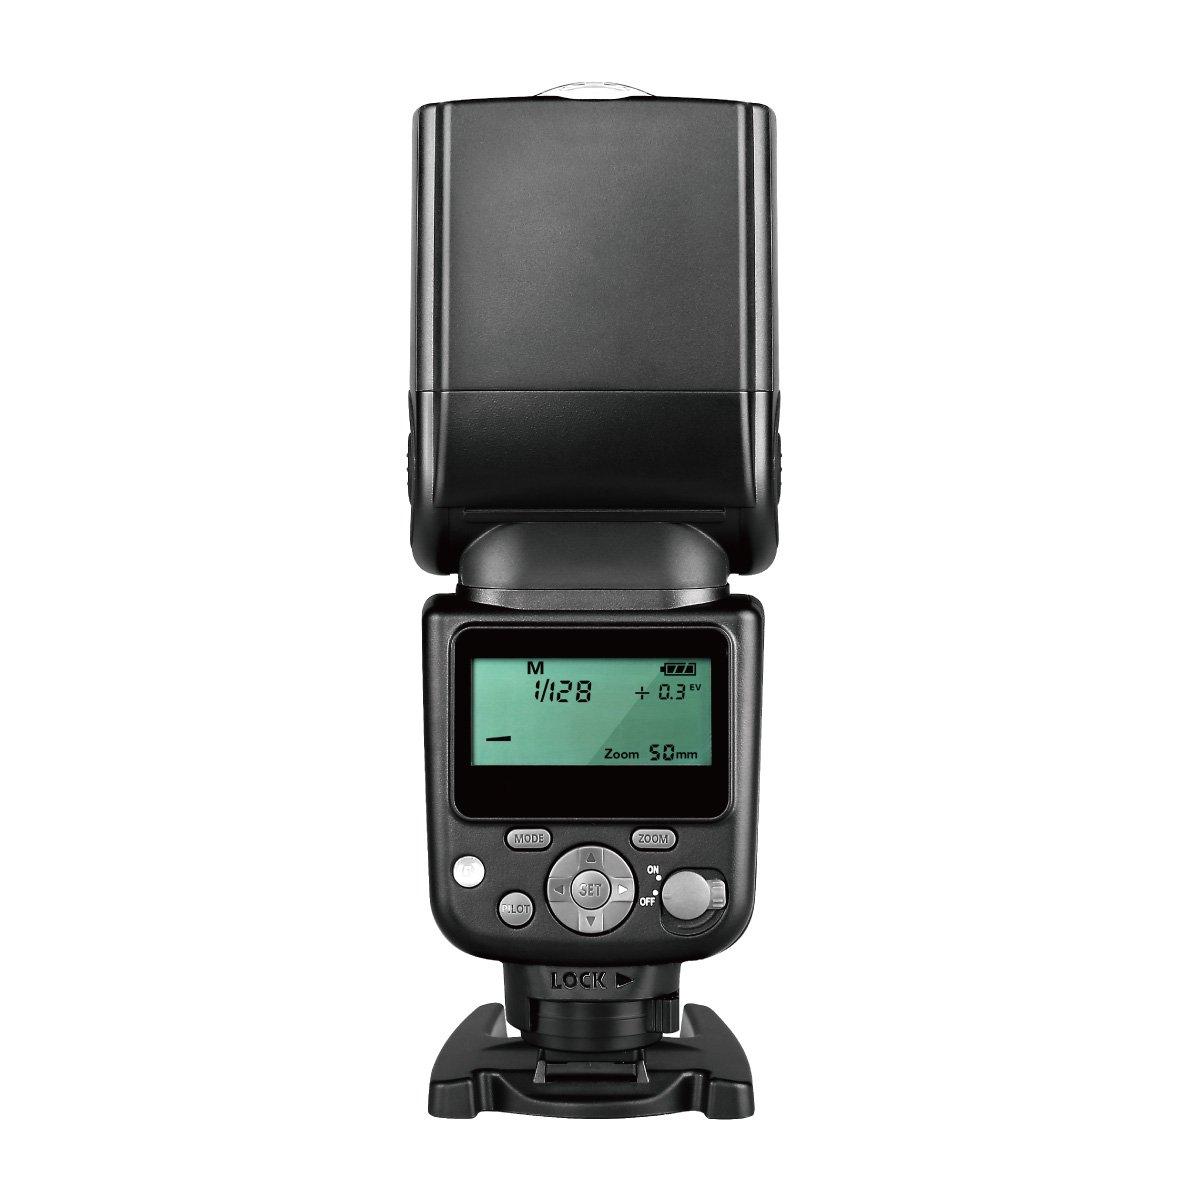 MEIKE MK-930II GN58 Professional Speedlite fit Sony camera A7 A7R A7S A7II A7RII A7SII A6300 A6000 A6500 A9 etc 4332253533